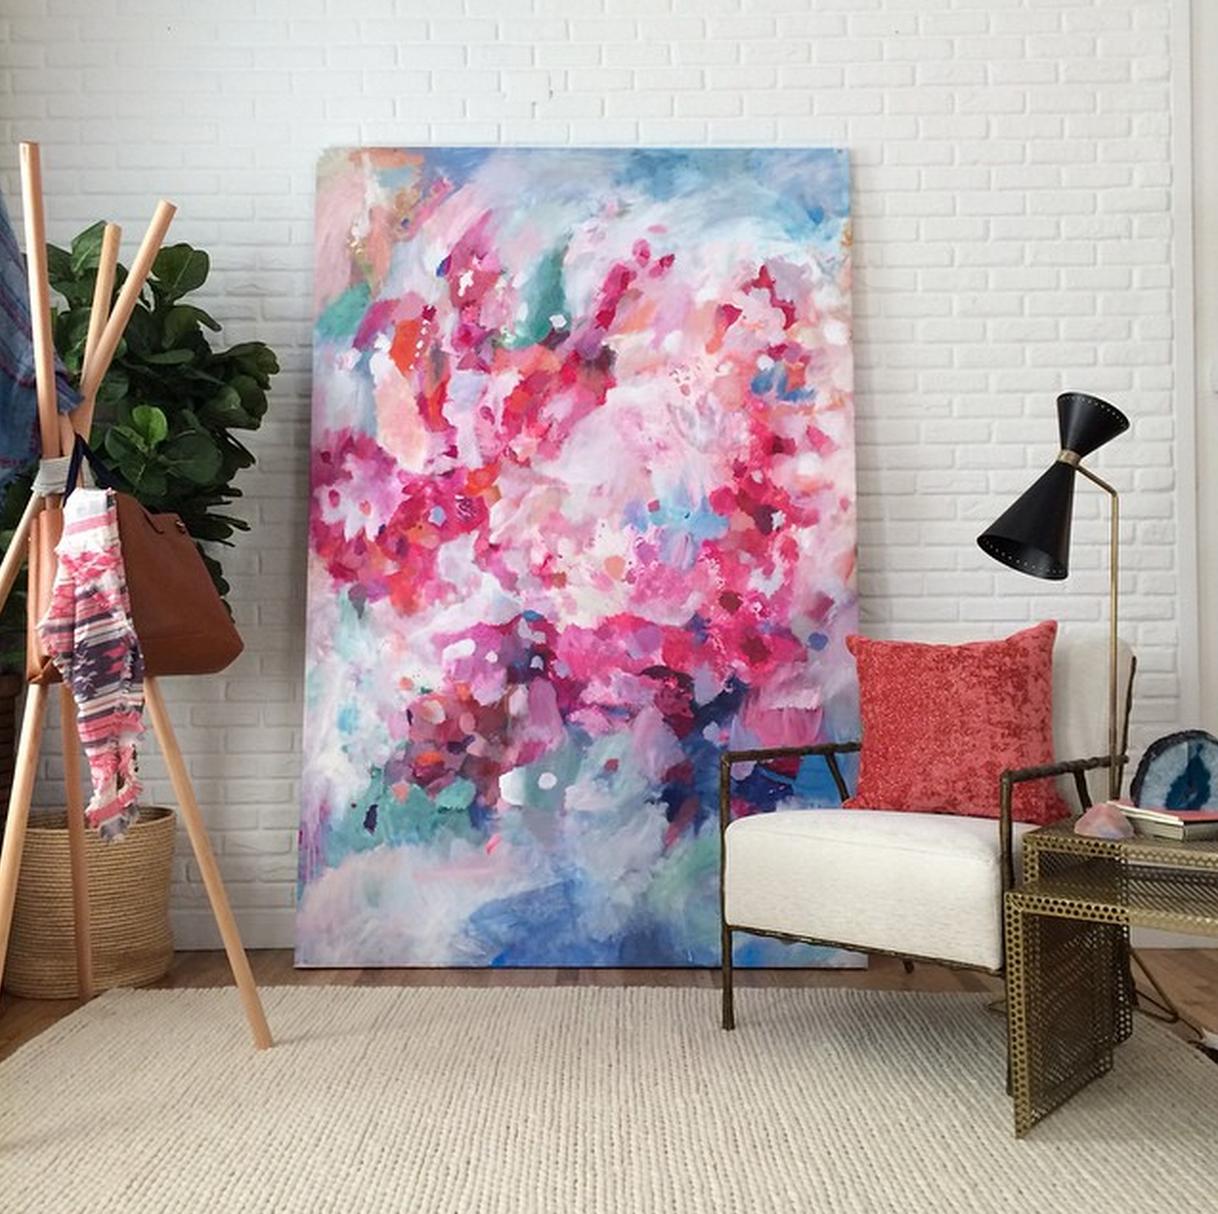 Wohnideen: Die 10 besten Instagrams | Art I <3 | Pinterest | Studio ...